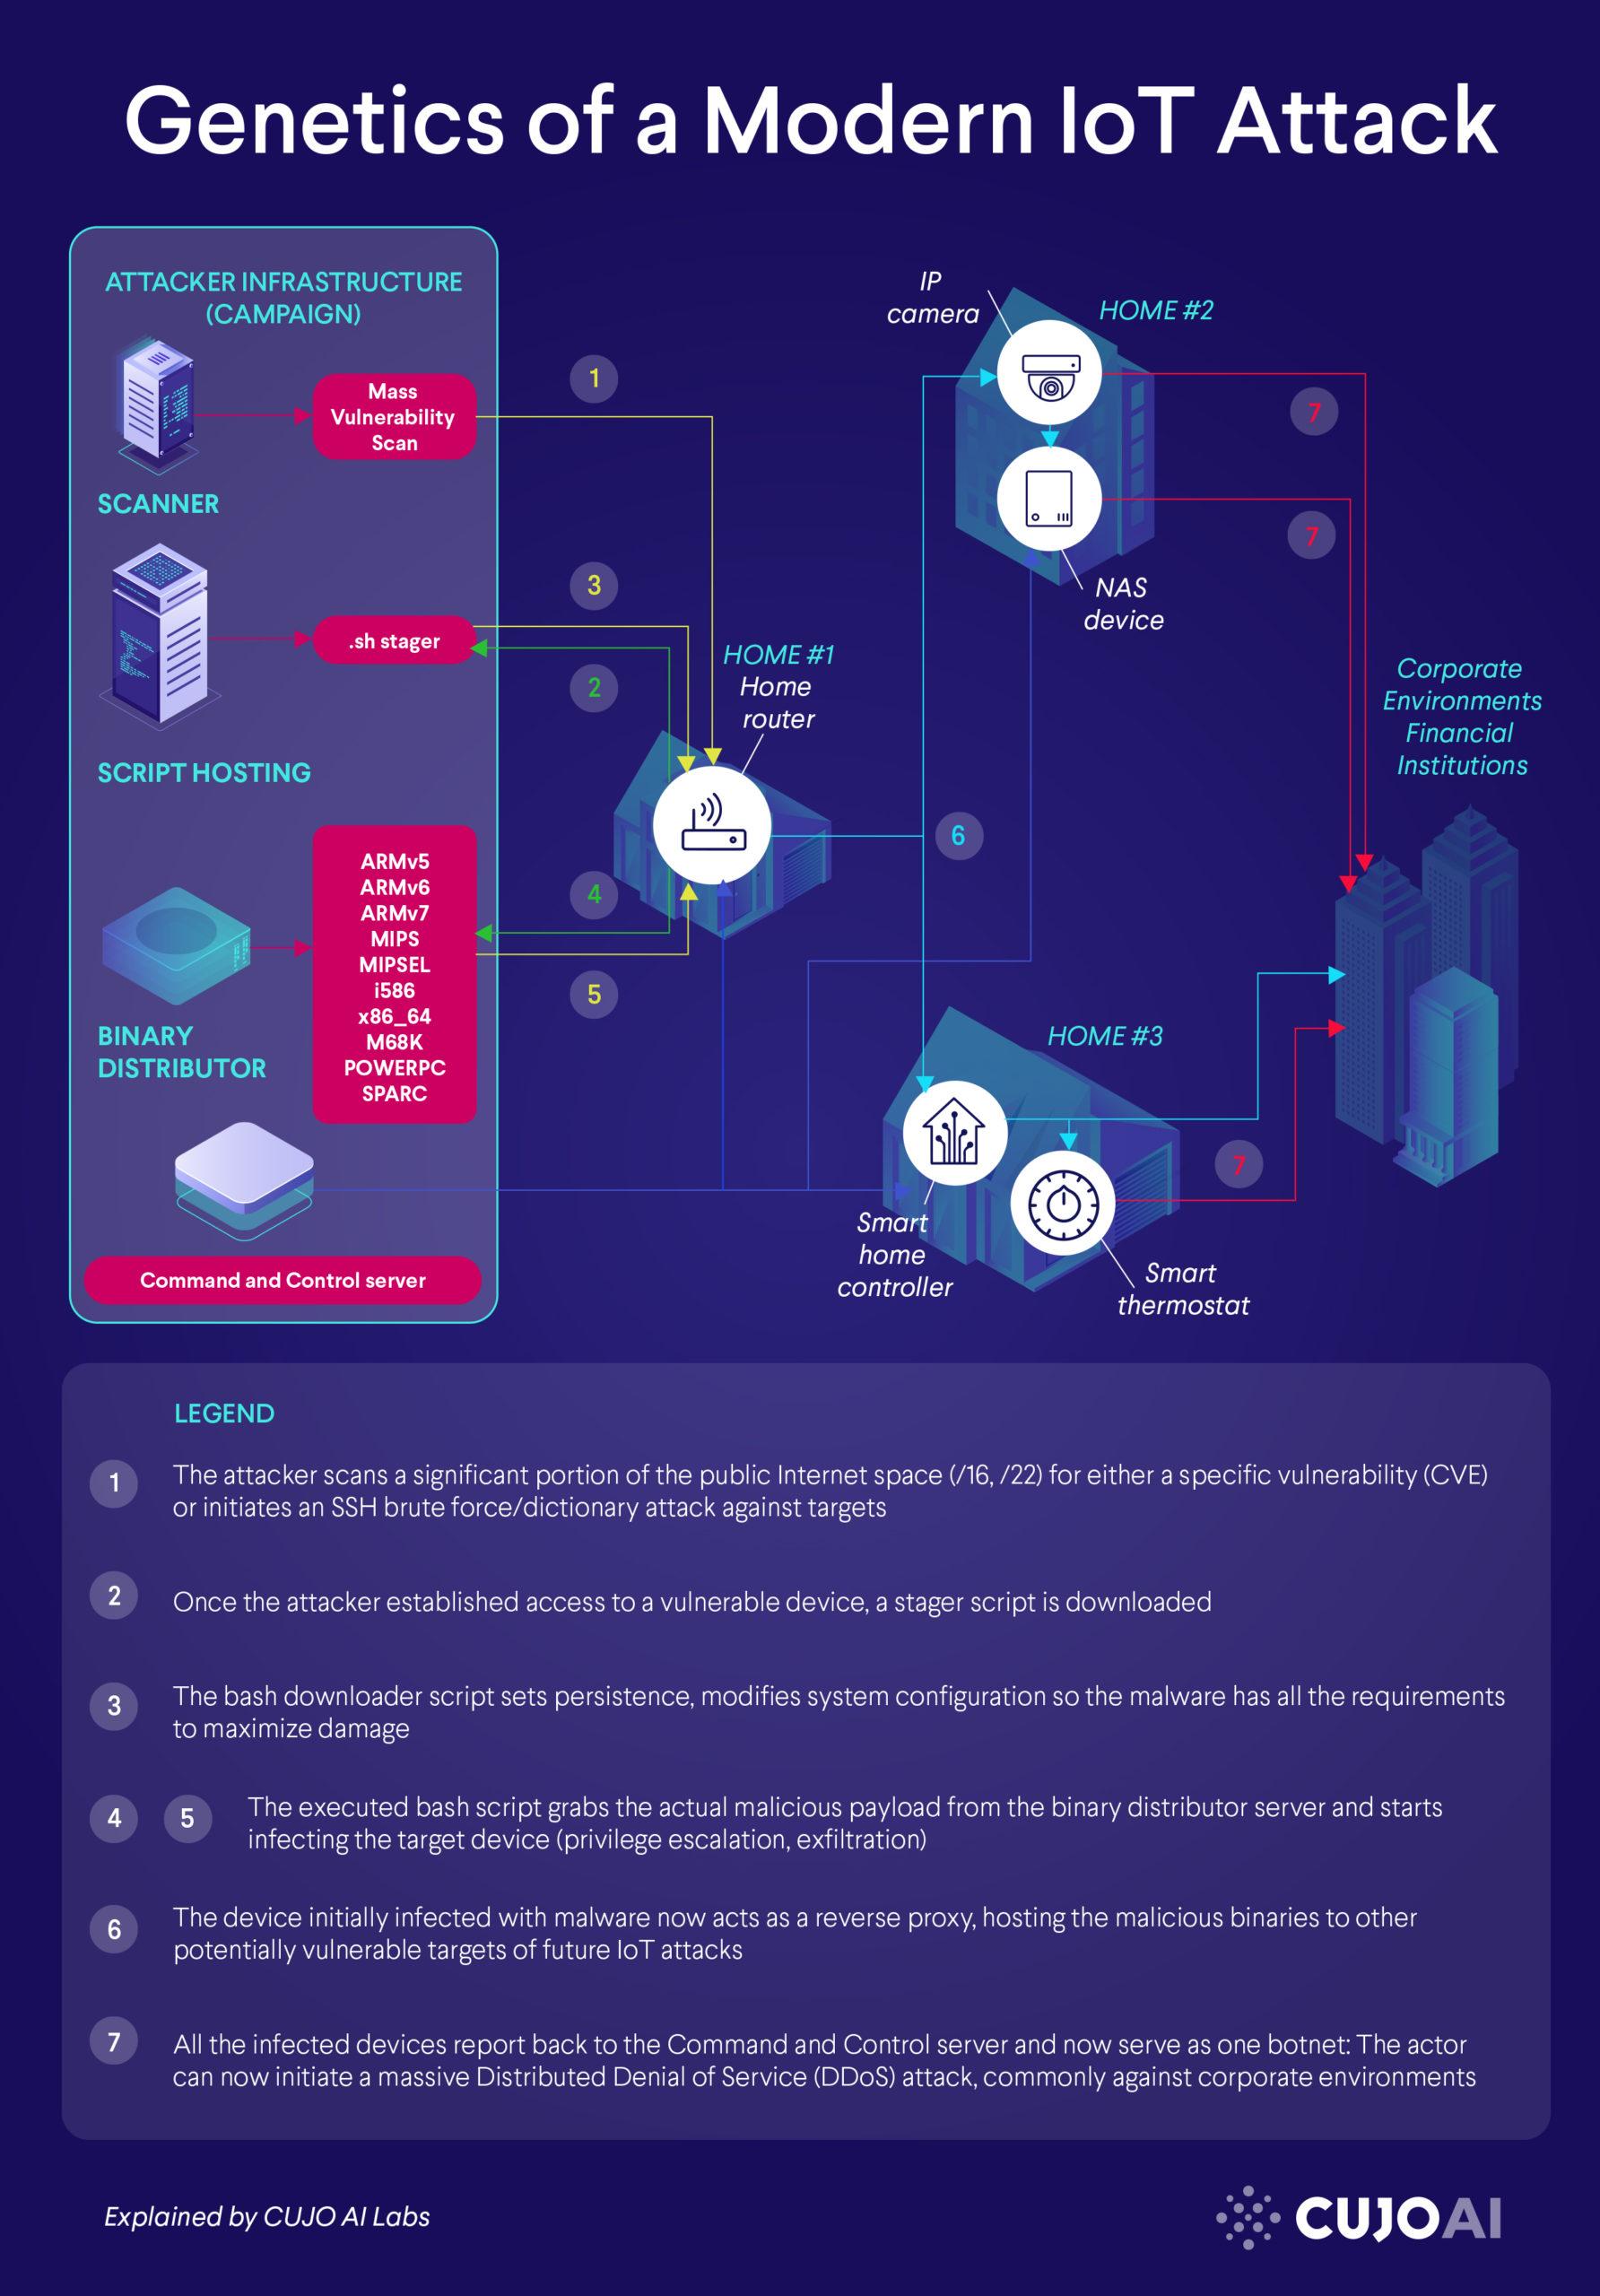 IoT attack scenario graph visualization